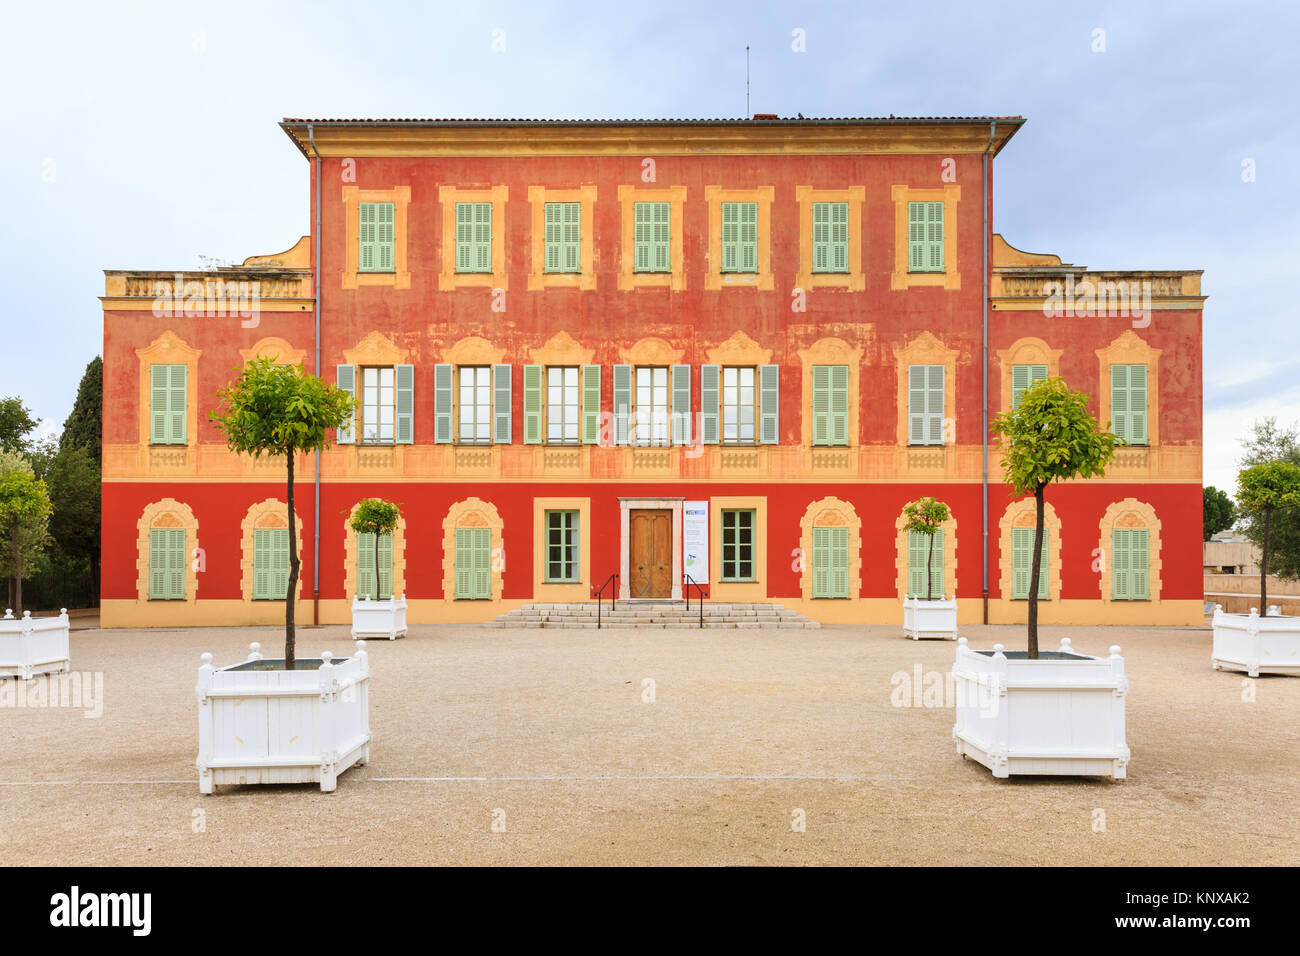 Cote Artiste Peintre Francais musée matisse musée dédié à l'artiste peintre français